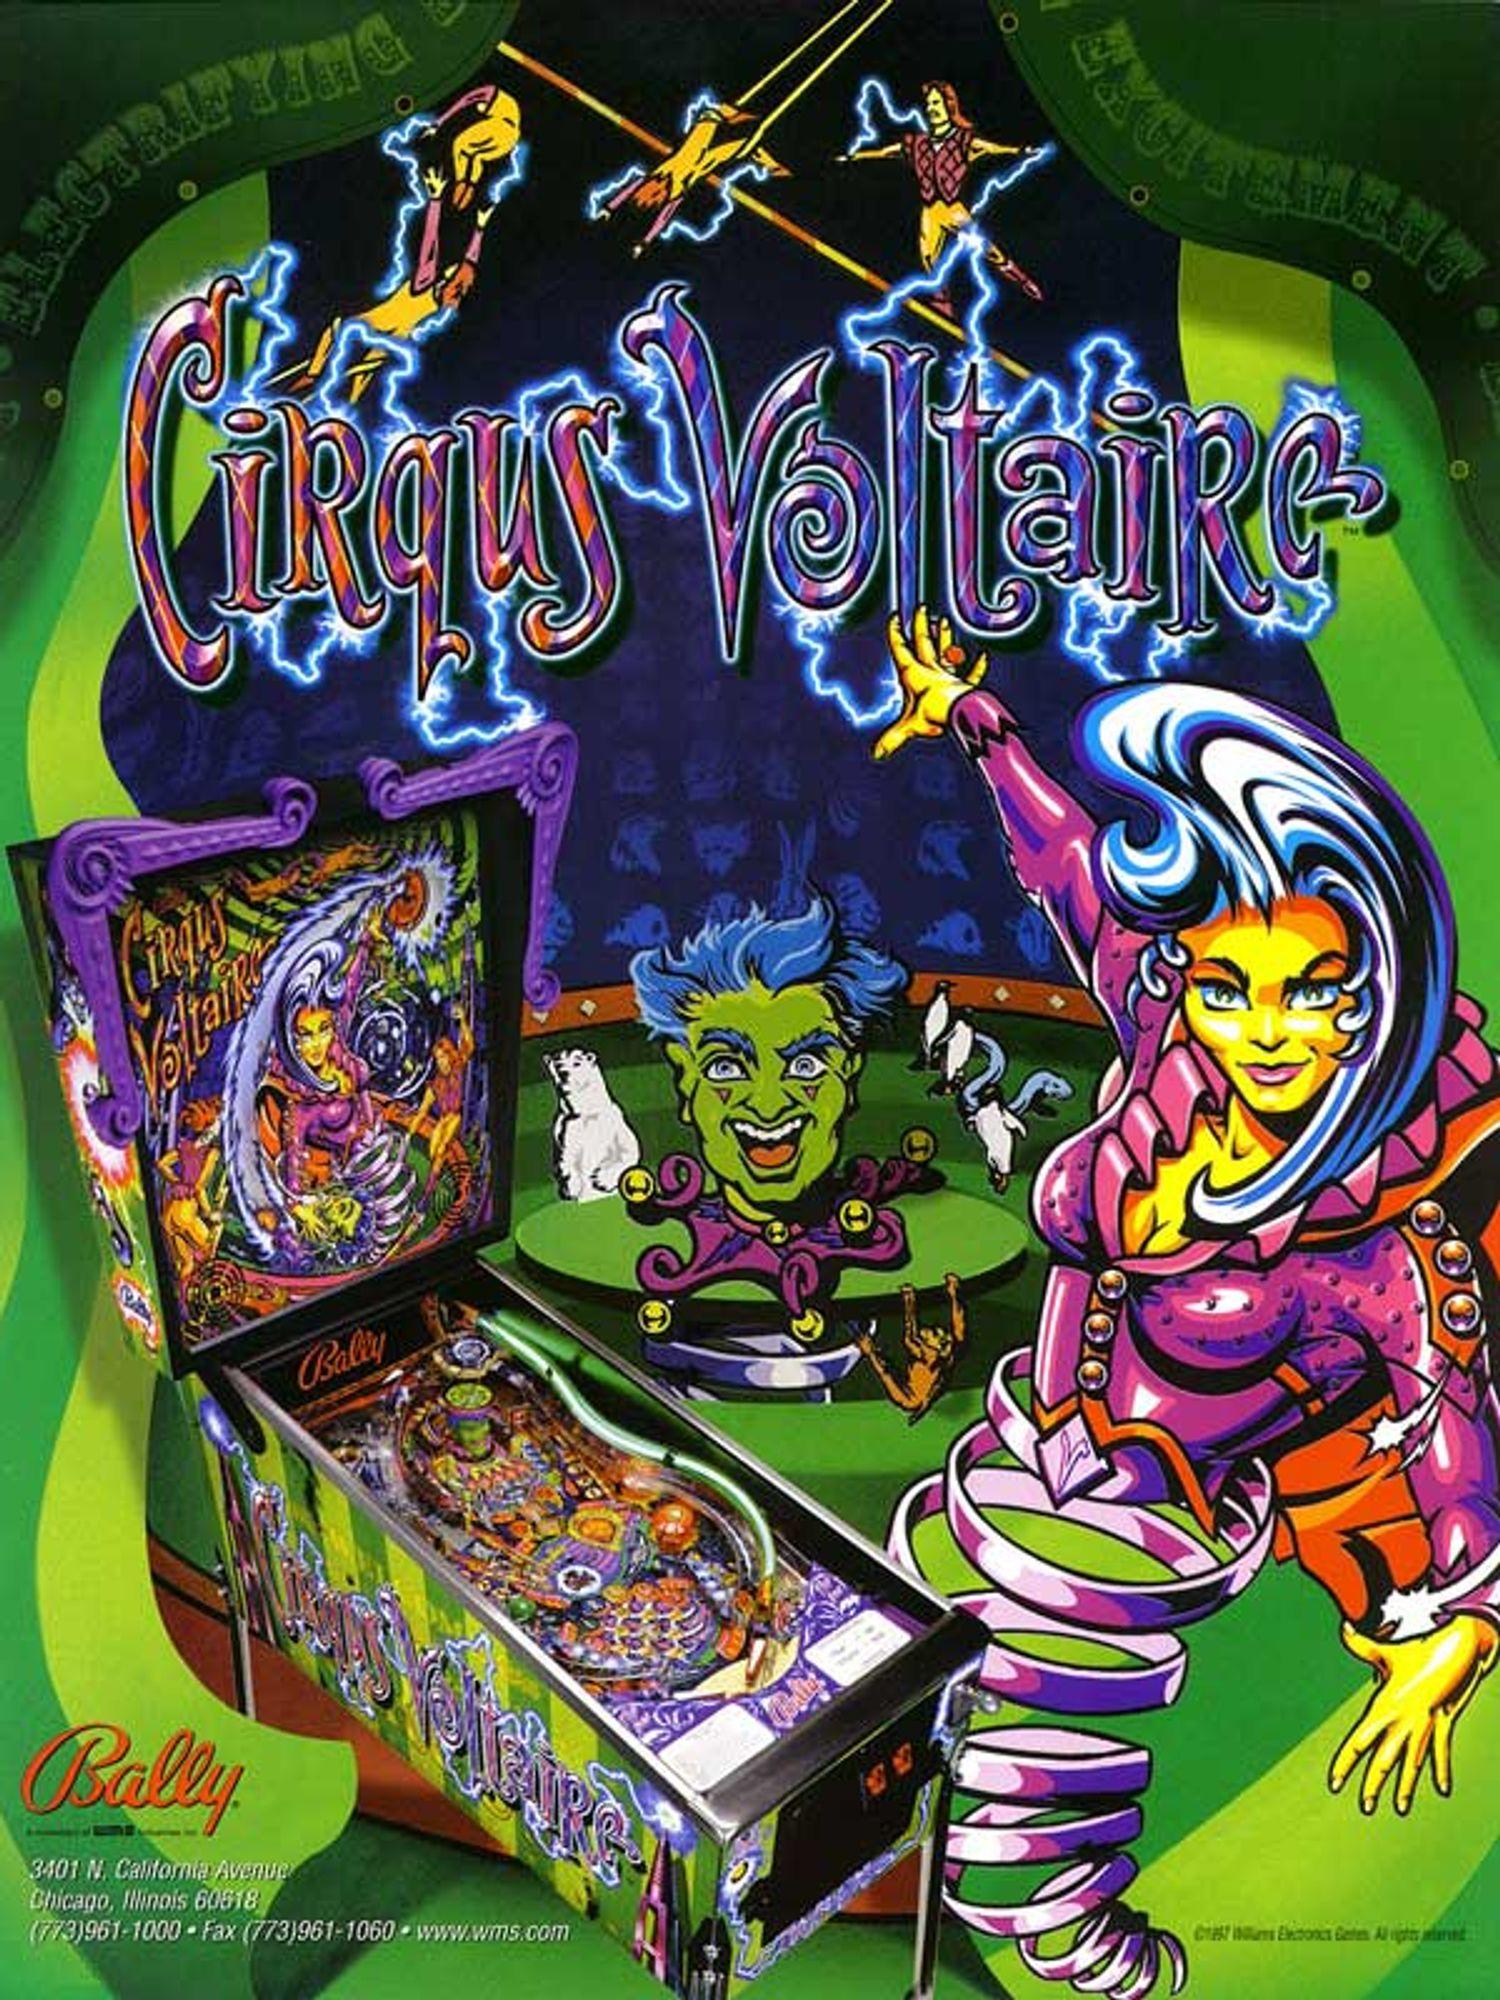 Circus Voltaire Flyer Vorderseite